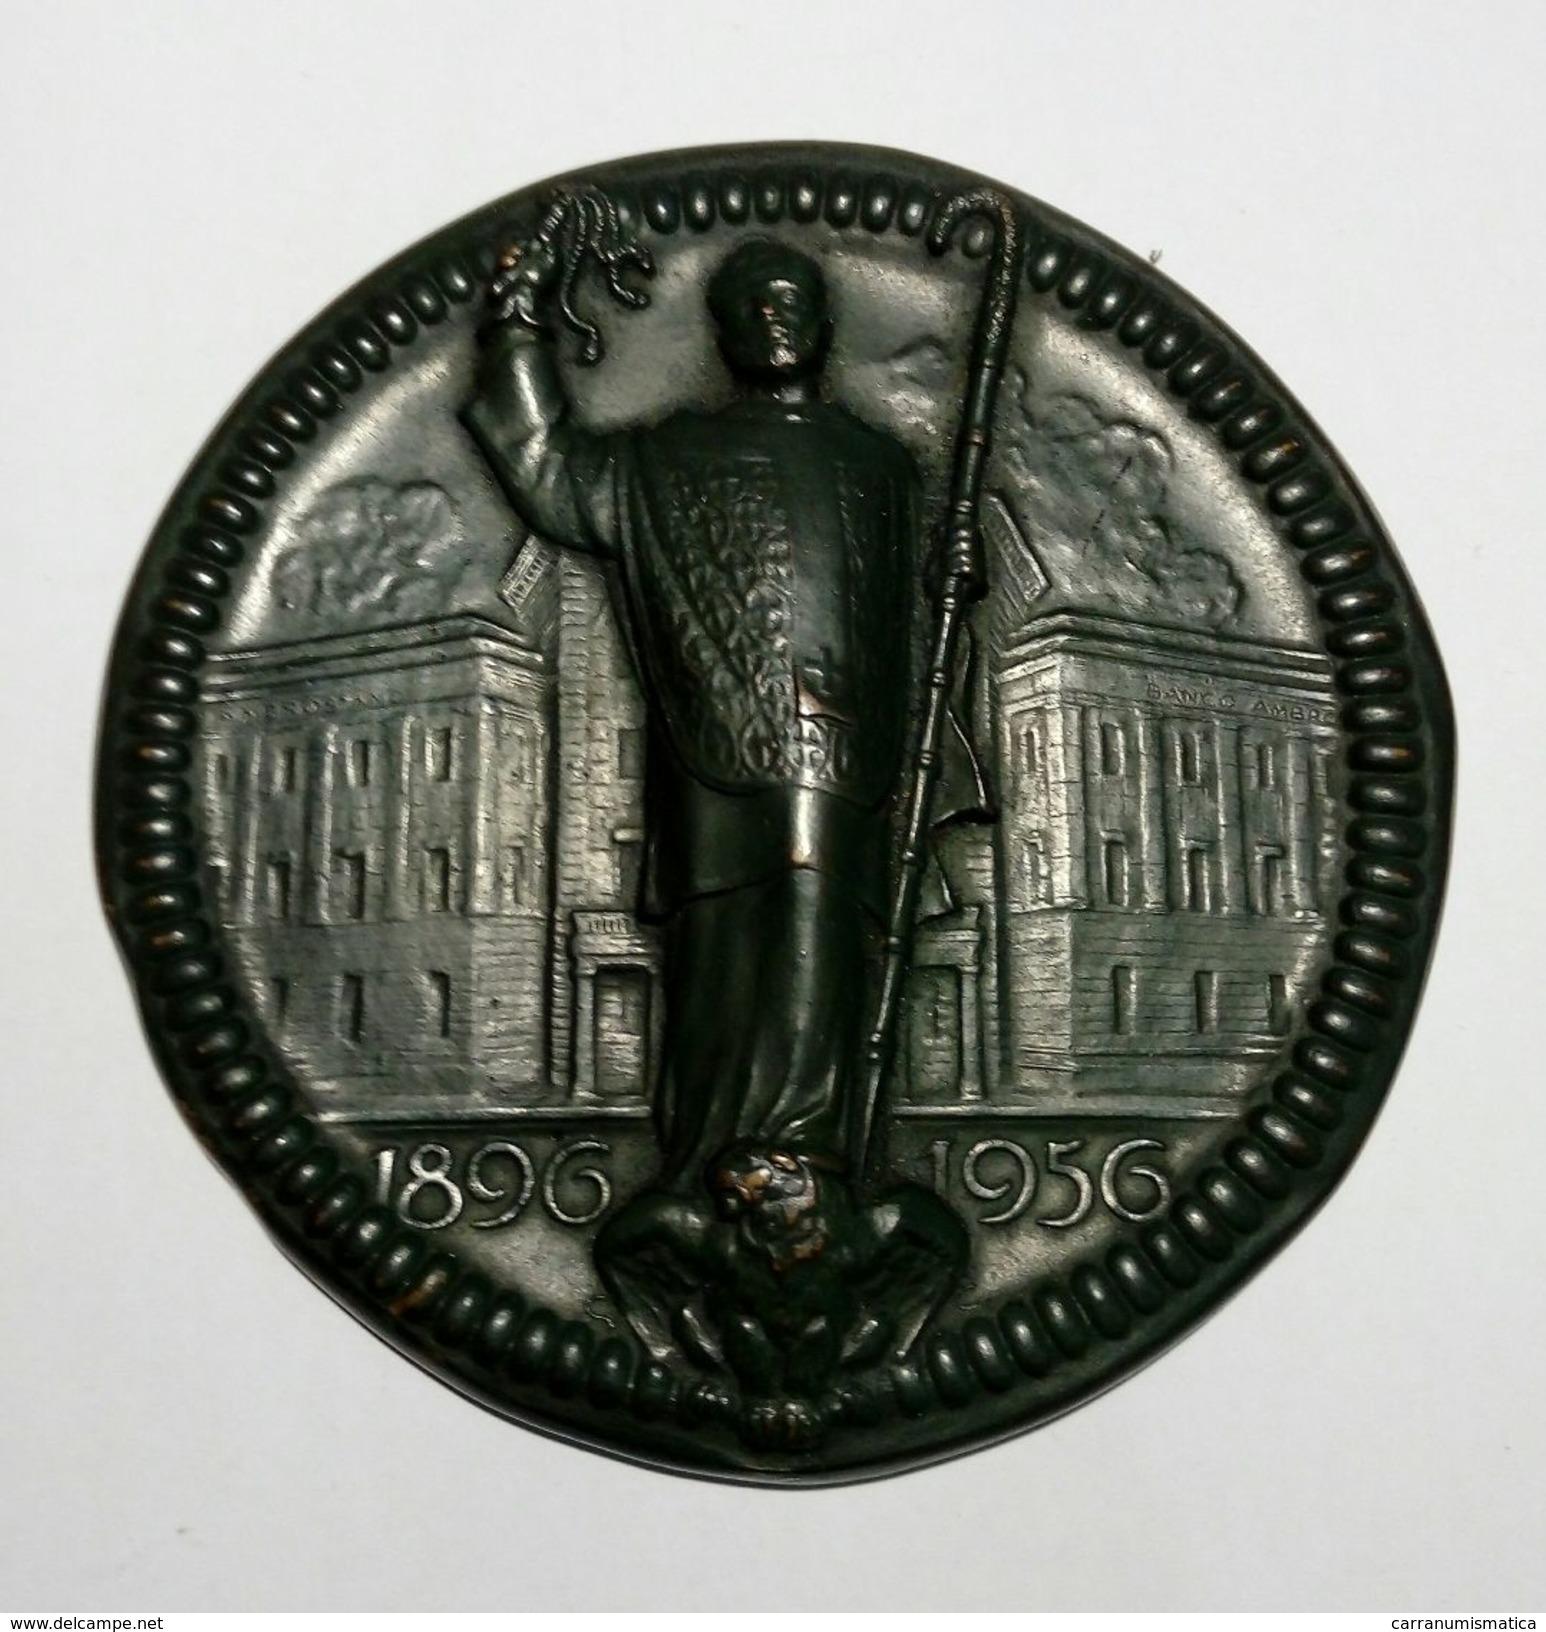 MEDAGLIA - 60° Anniversario FONDAZIONE Del BANCO AMBROSIANO (1896 - 1956) Opus: Monti - Bronzo Patinato - 96 Mm - Professionali/Di Società